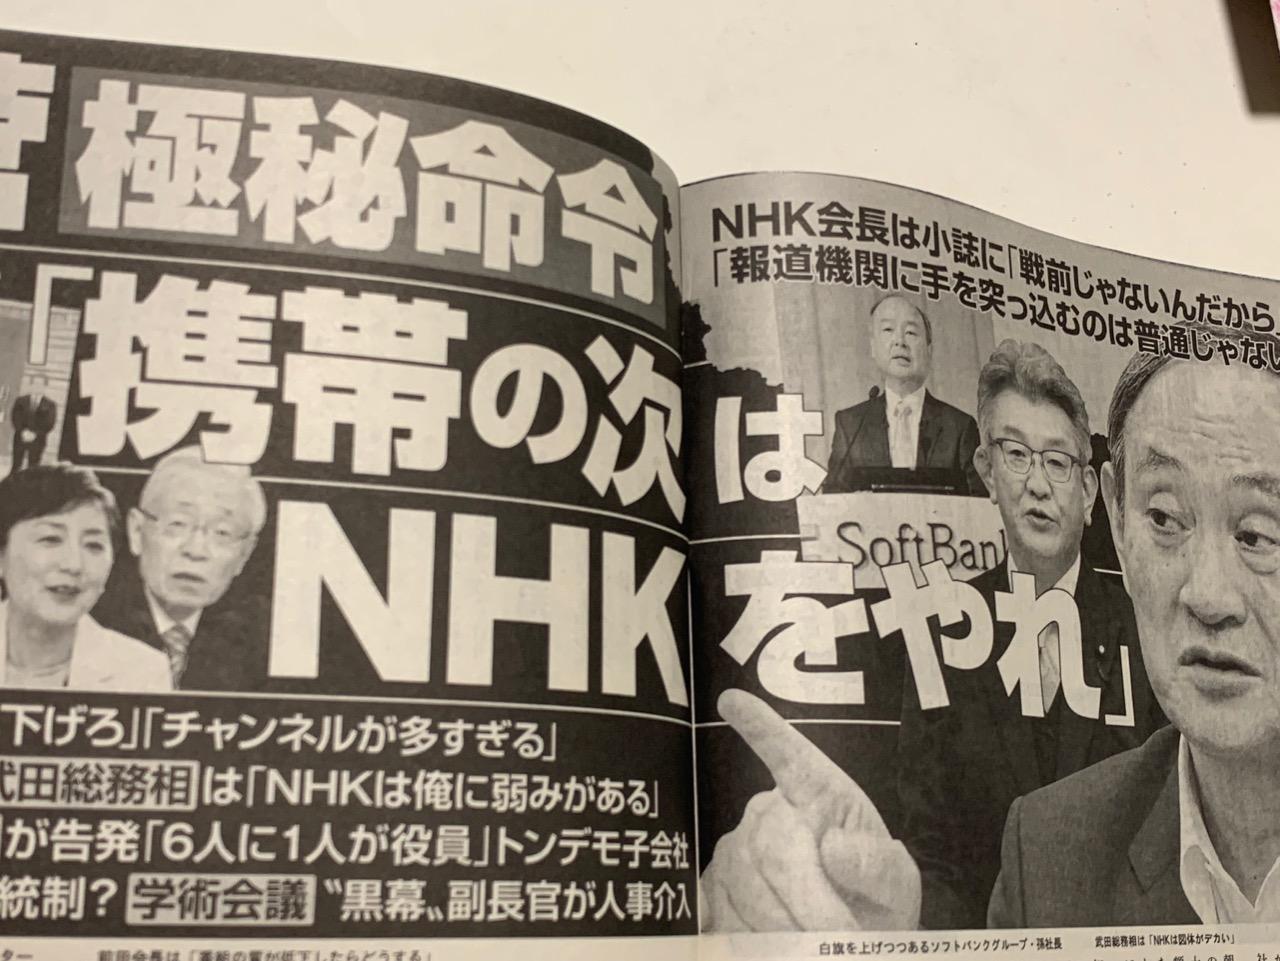 NHKの不穏な動きは、政権のさしがねか?〜緊急議論!NHKの制度改正!〜